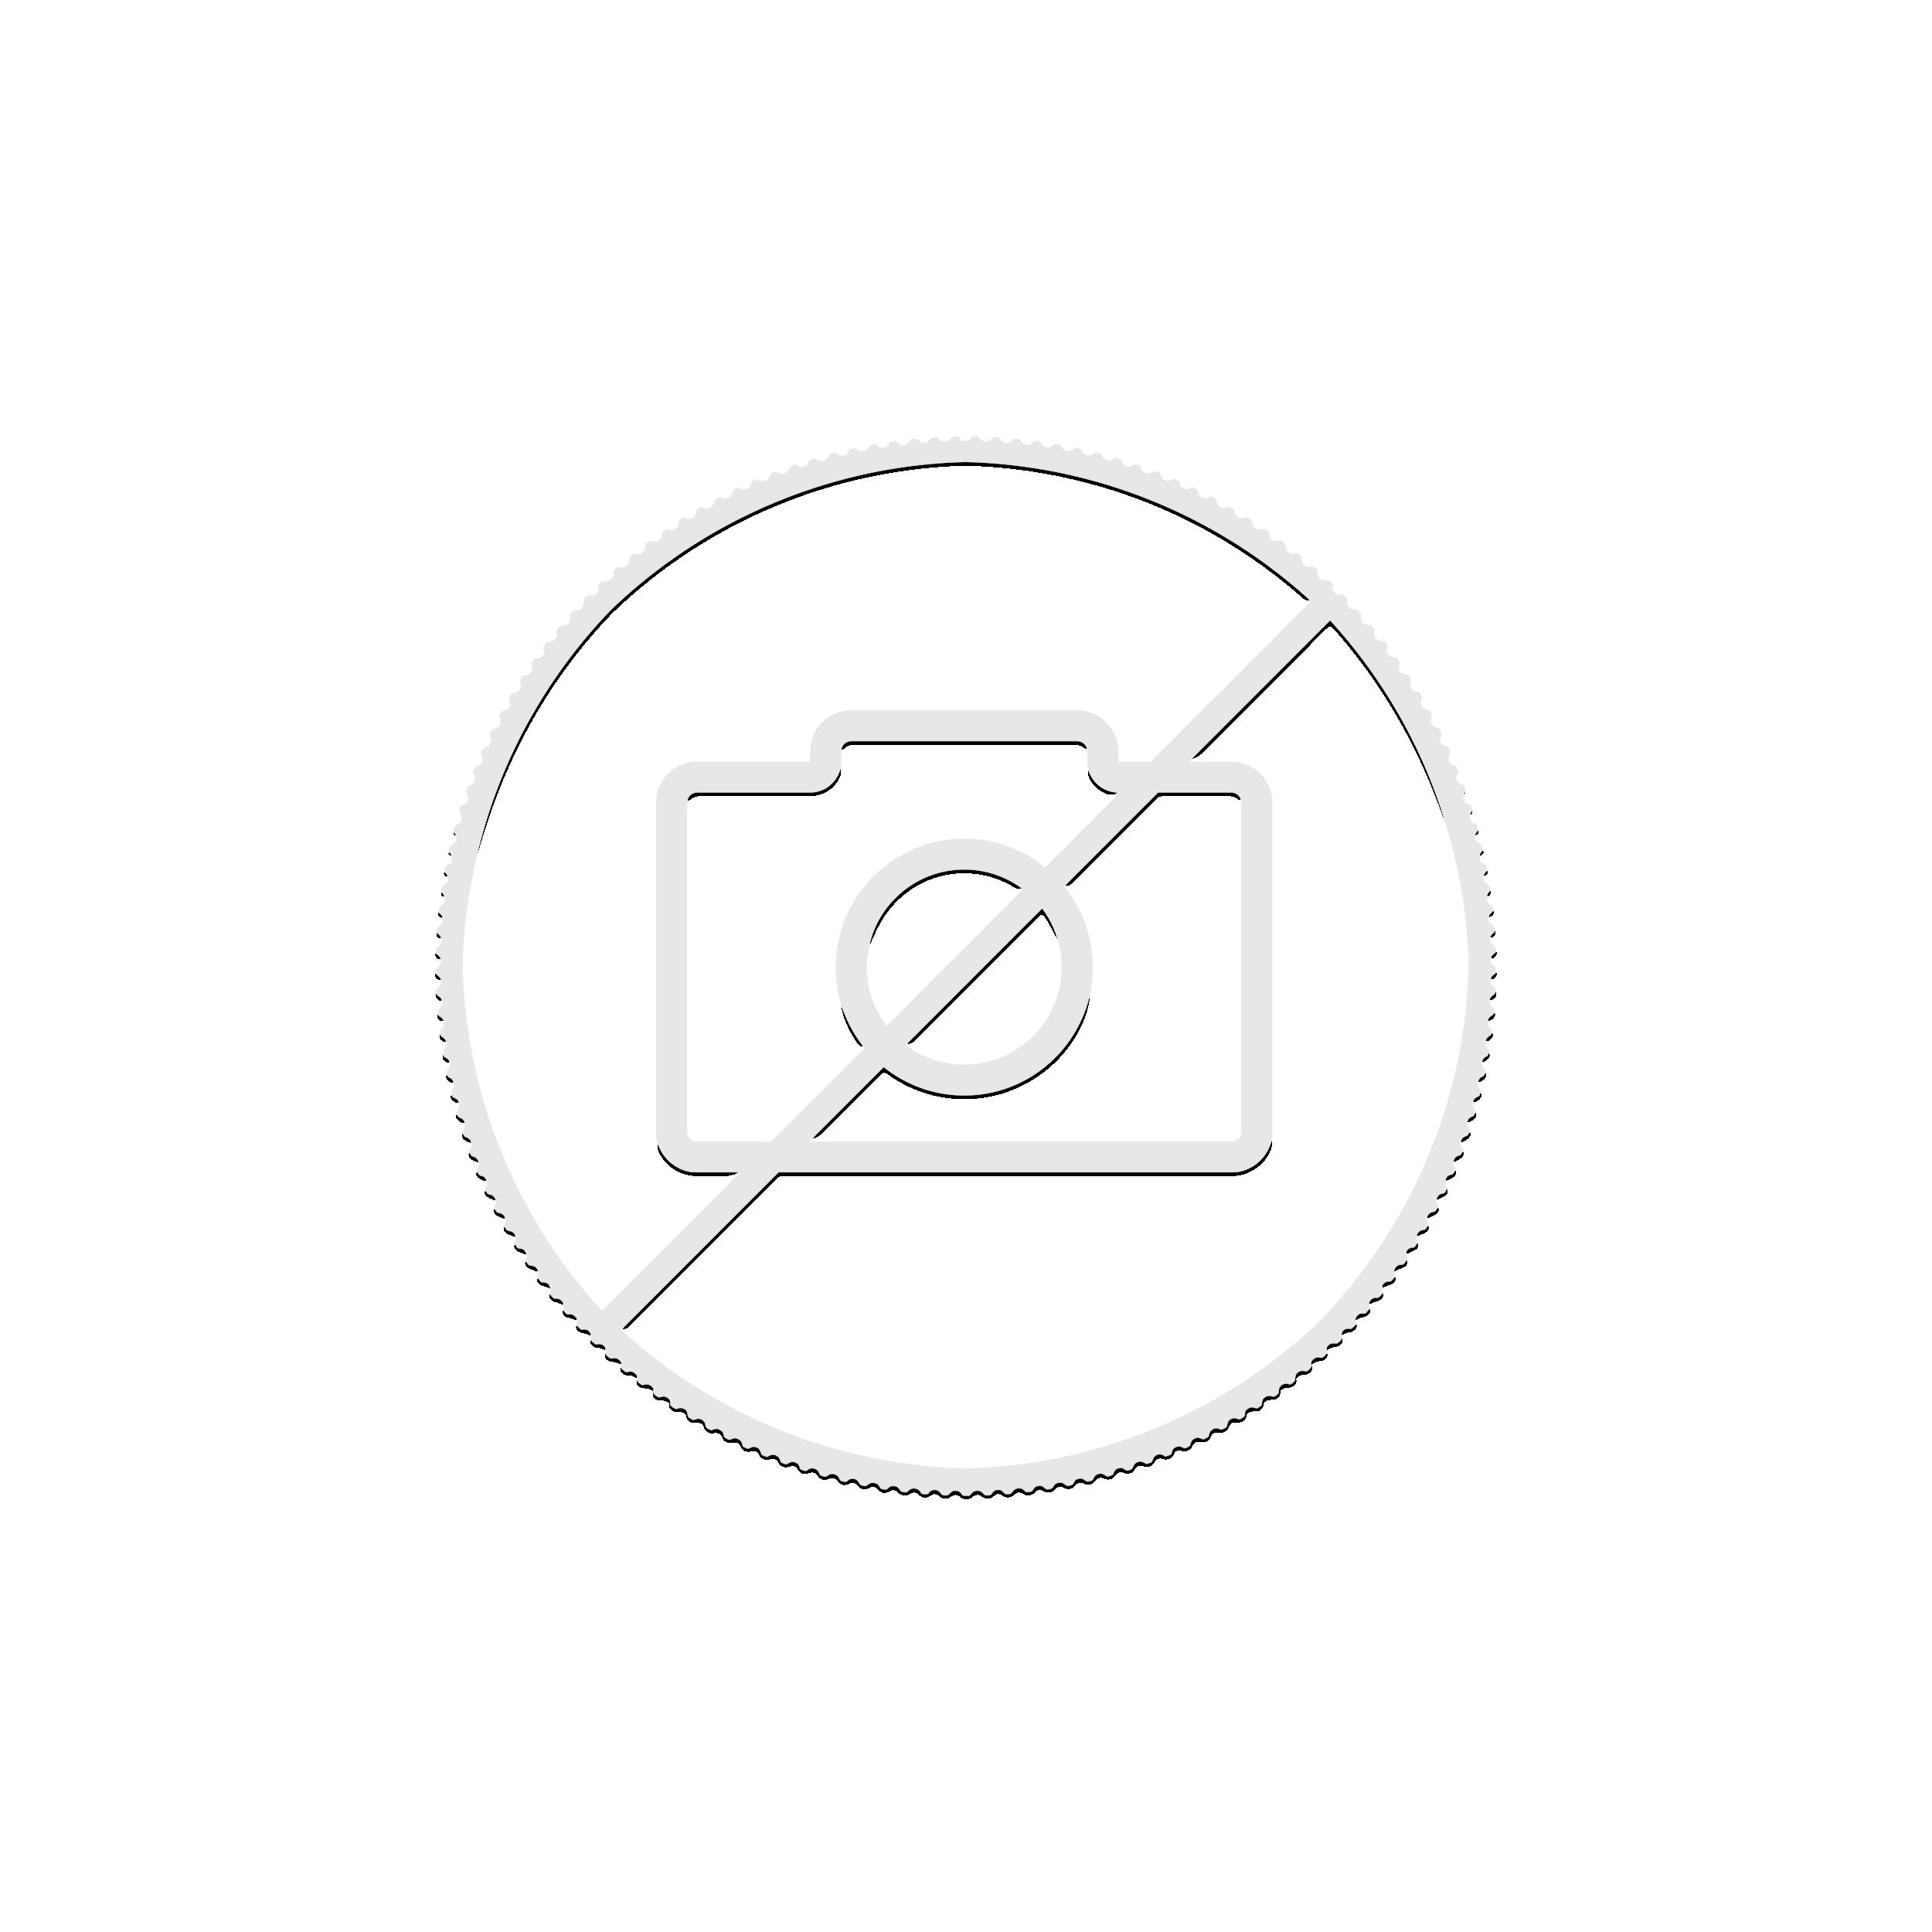 Zilveren Kookaburra munt 1 troy ounce zilver 2017